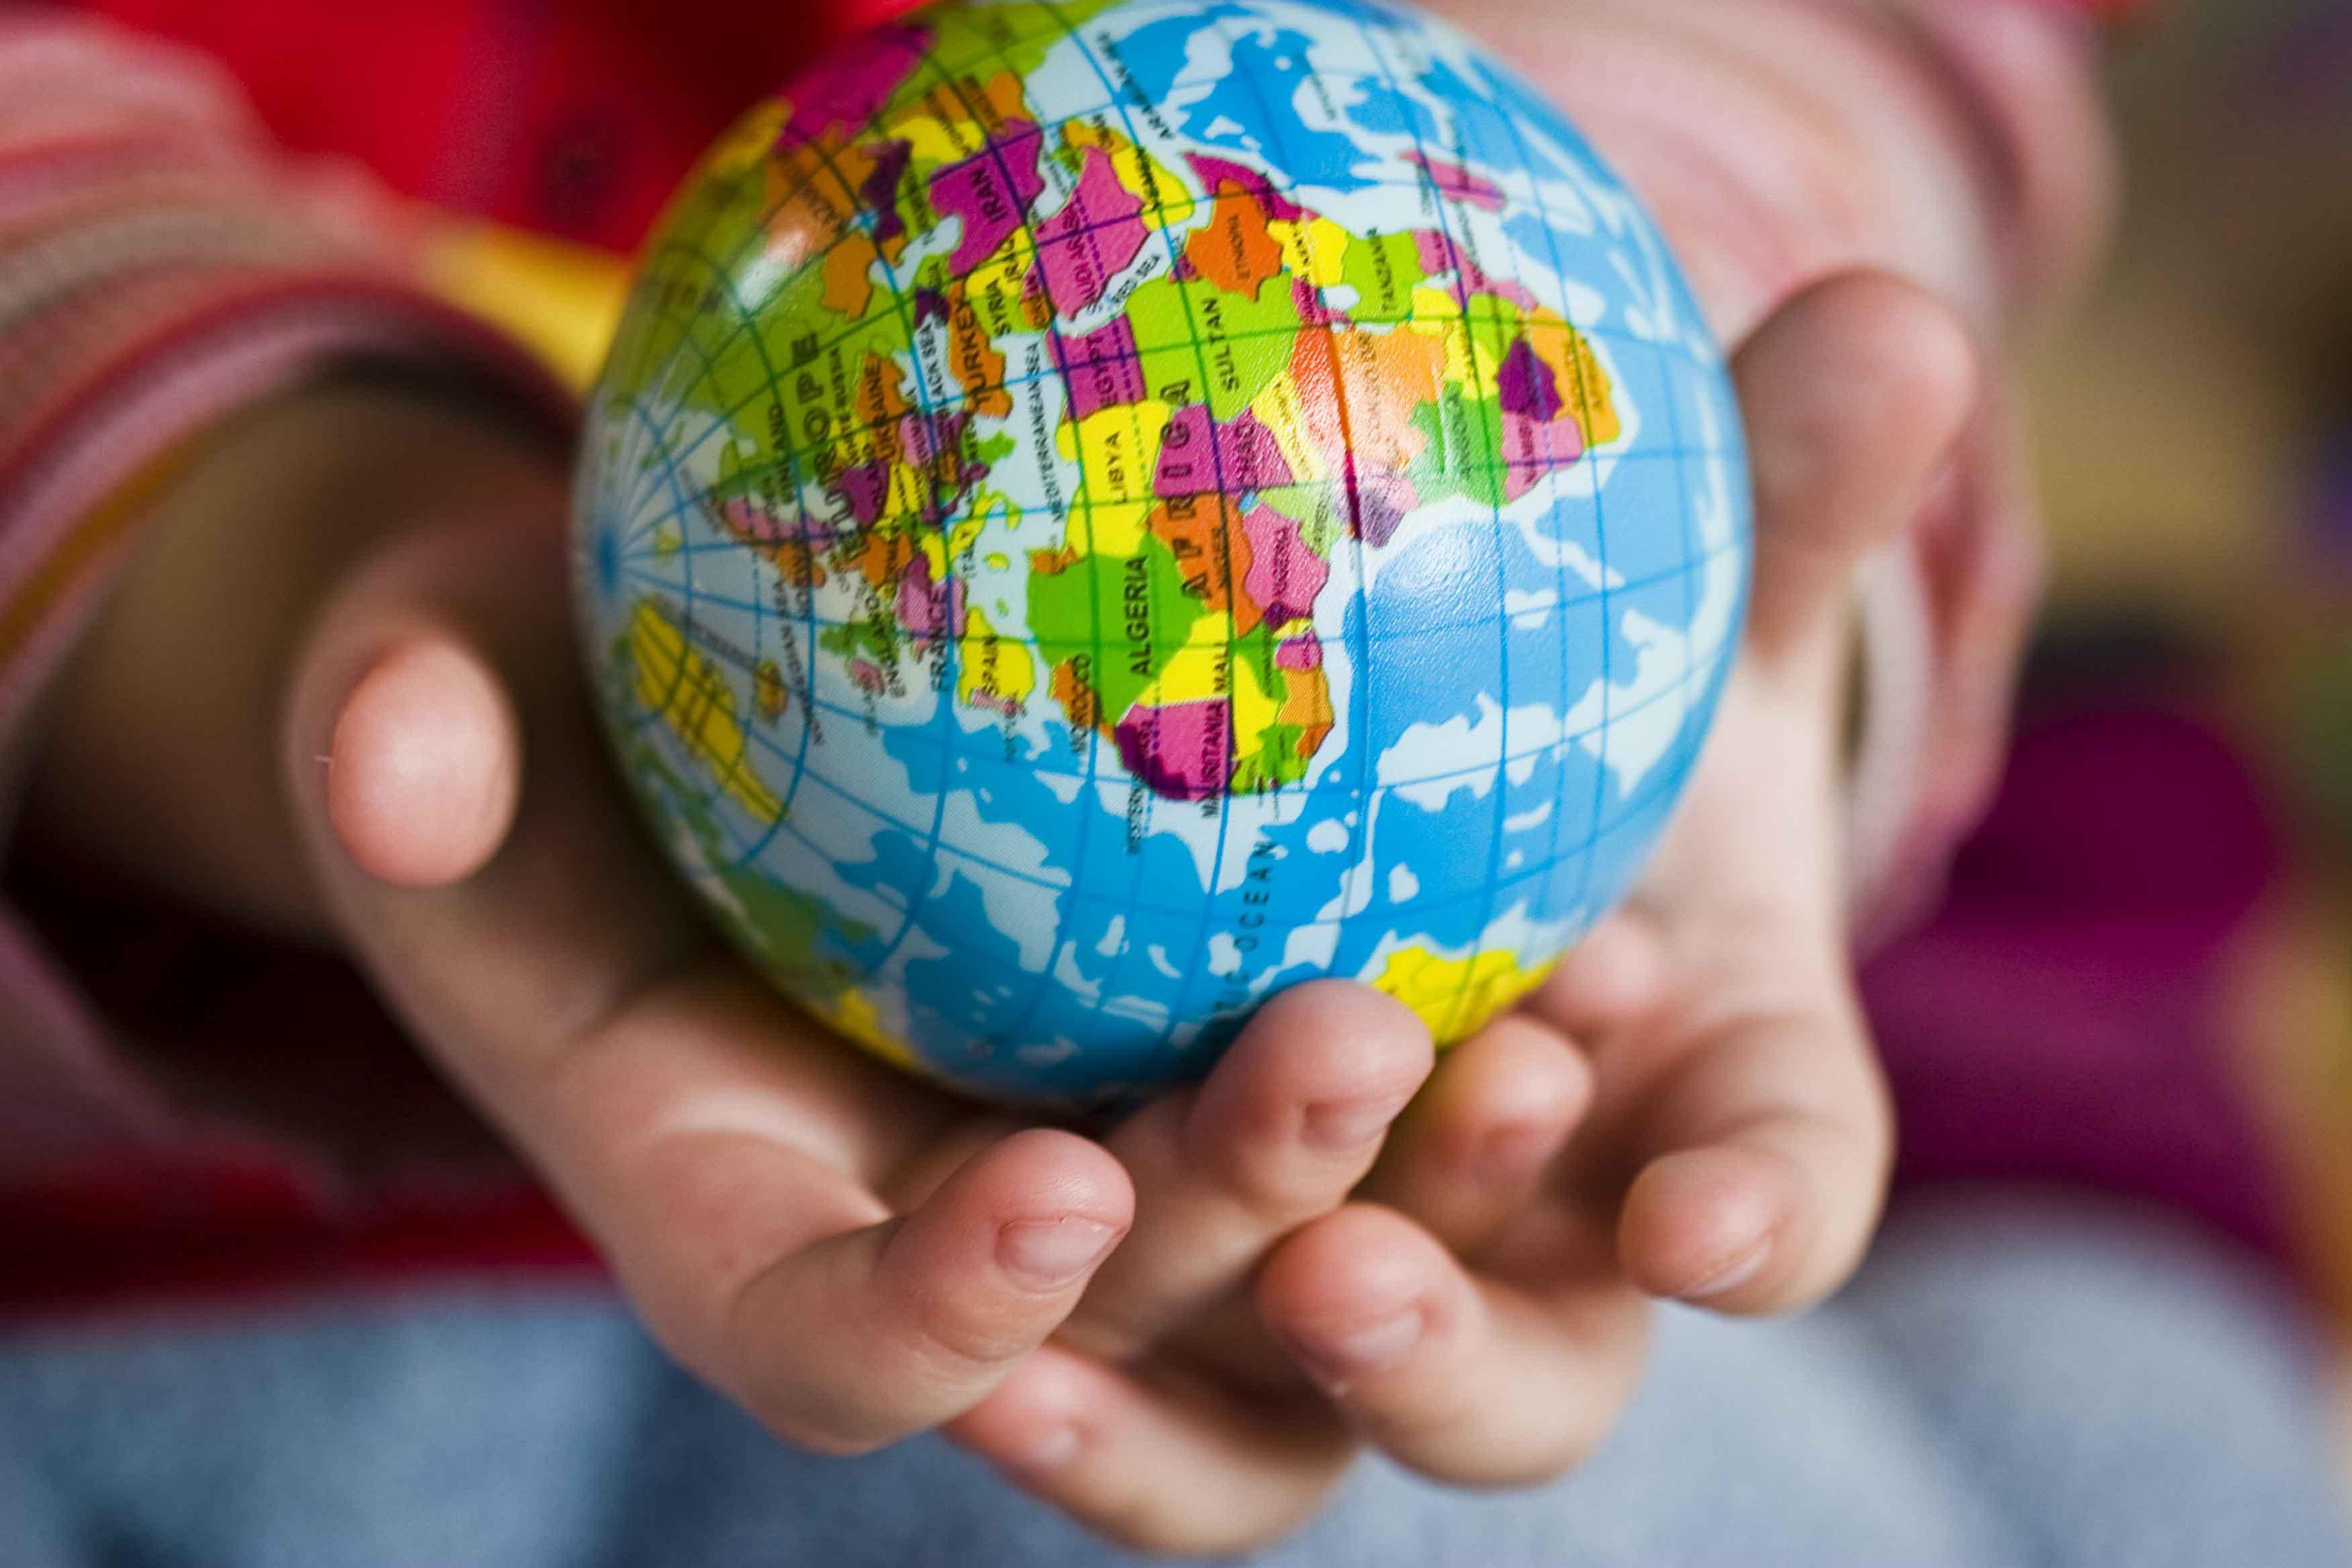 Manos de niño con bola del mundo en la mano